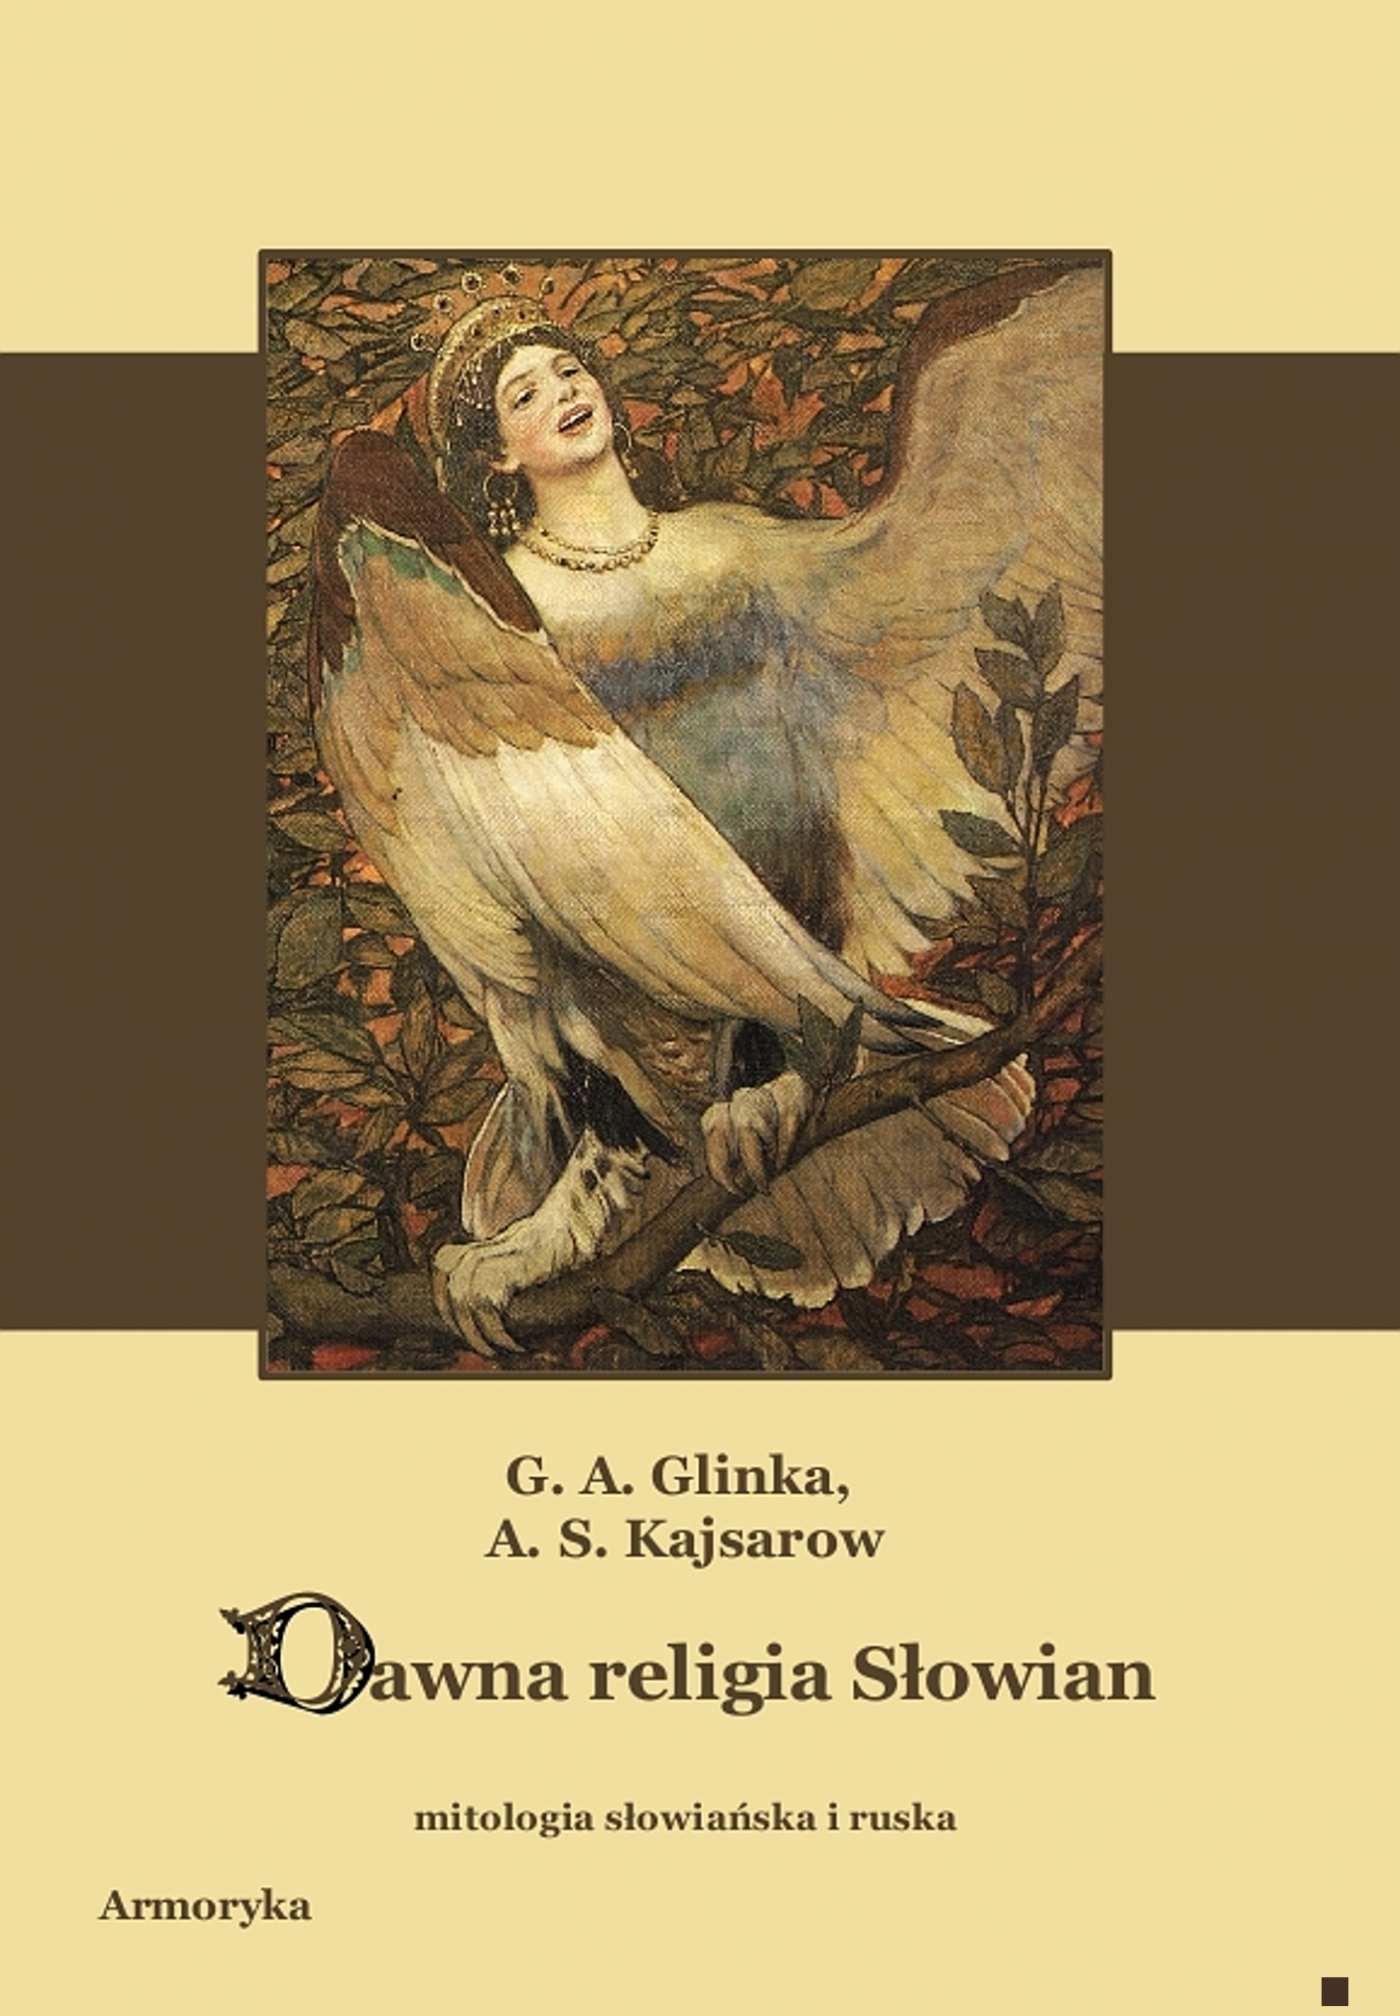 Dawna religia Słowian. Mitologia słowiańska i ruska - Ebook (Książka EPUB) do pobrania w formacie EPUB